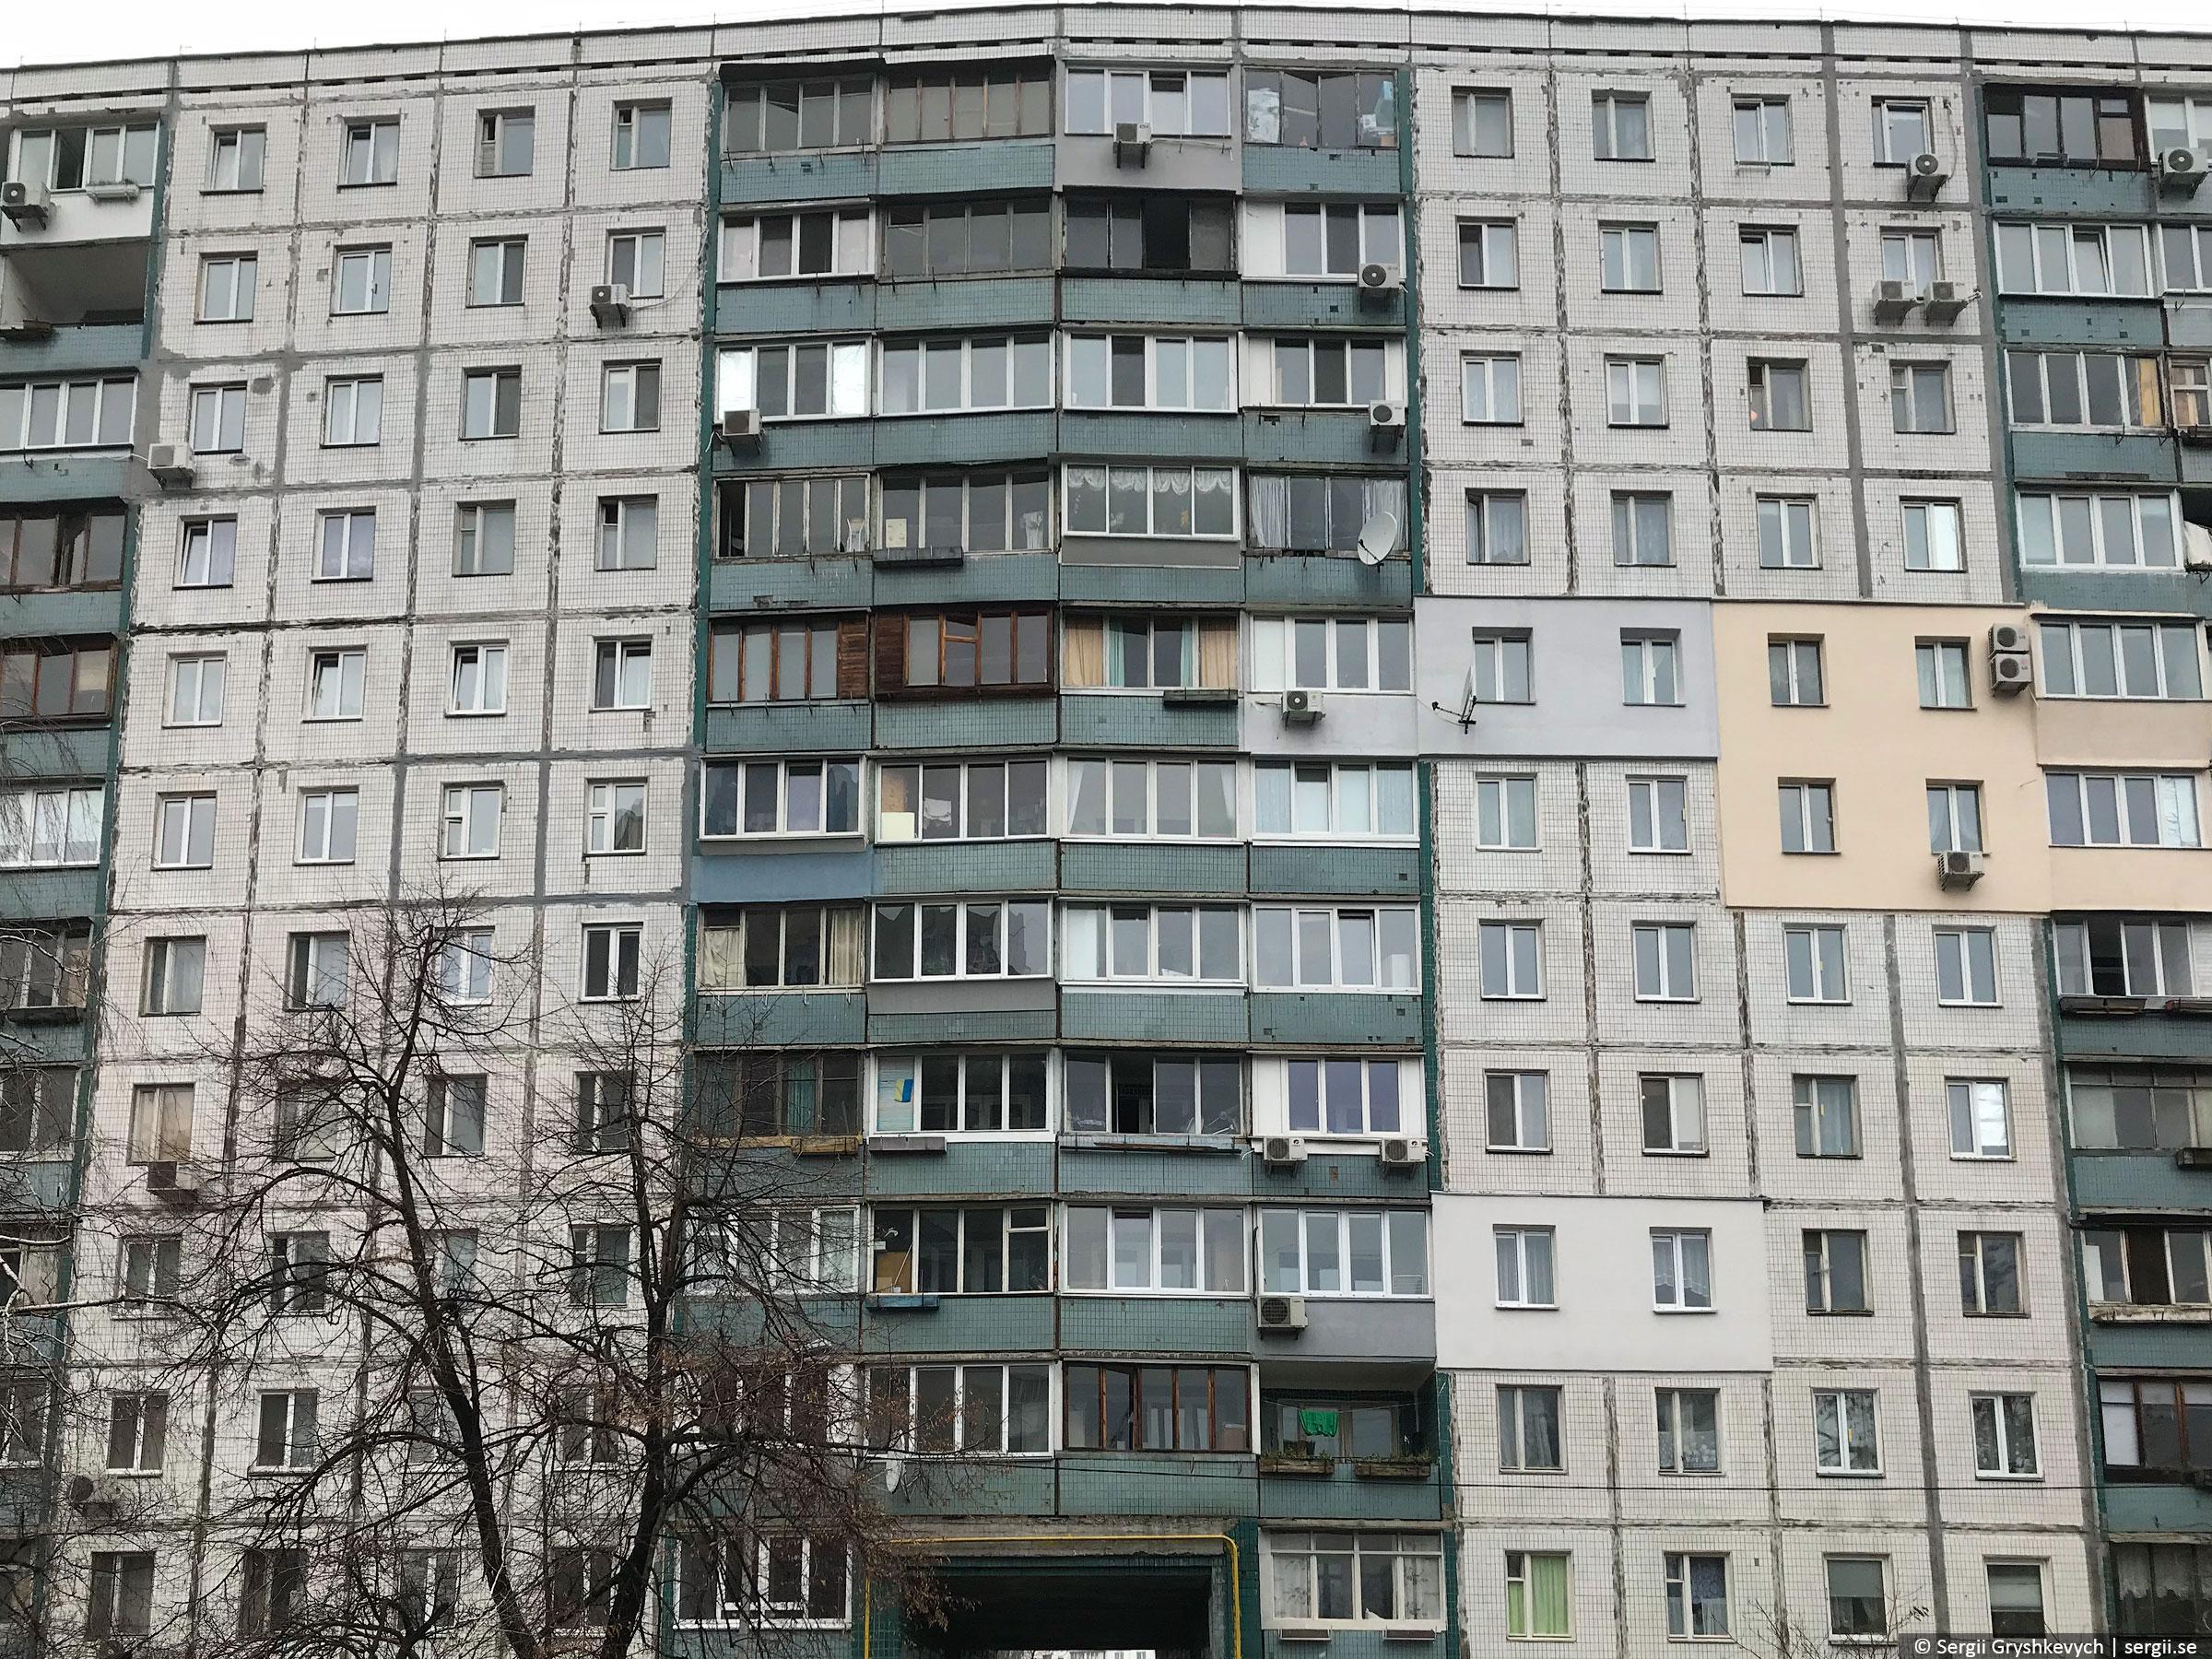 kyiv-darnytsia-livoberezhna-17